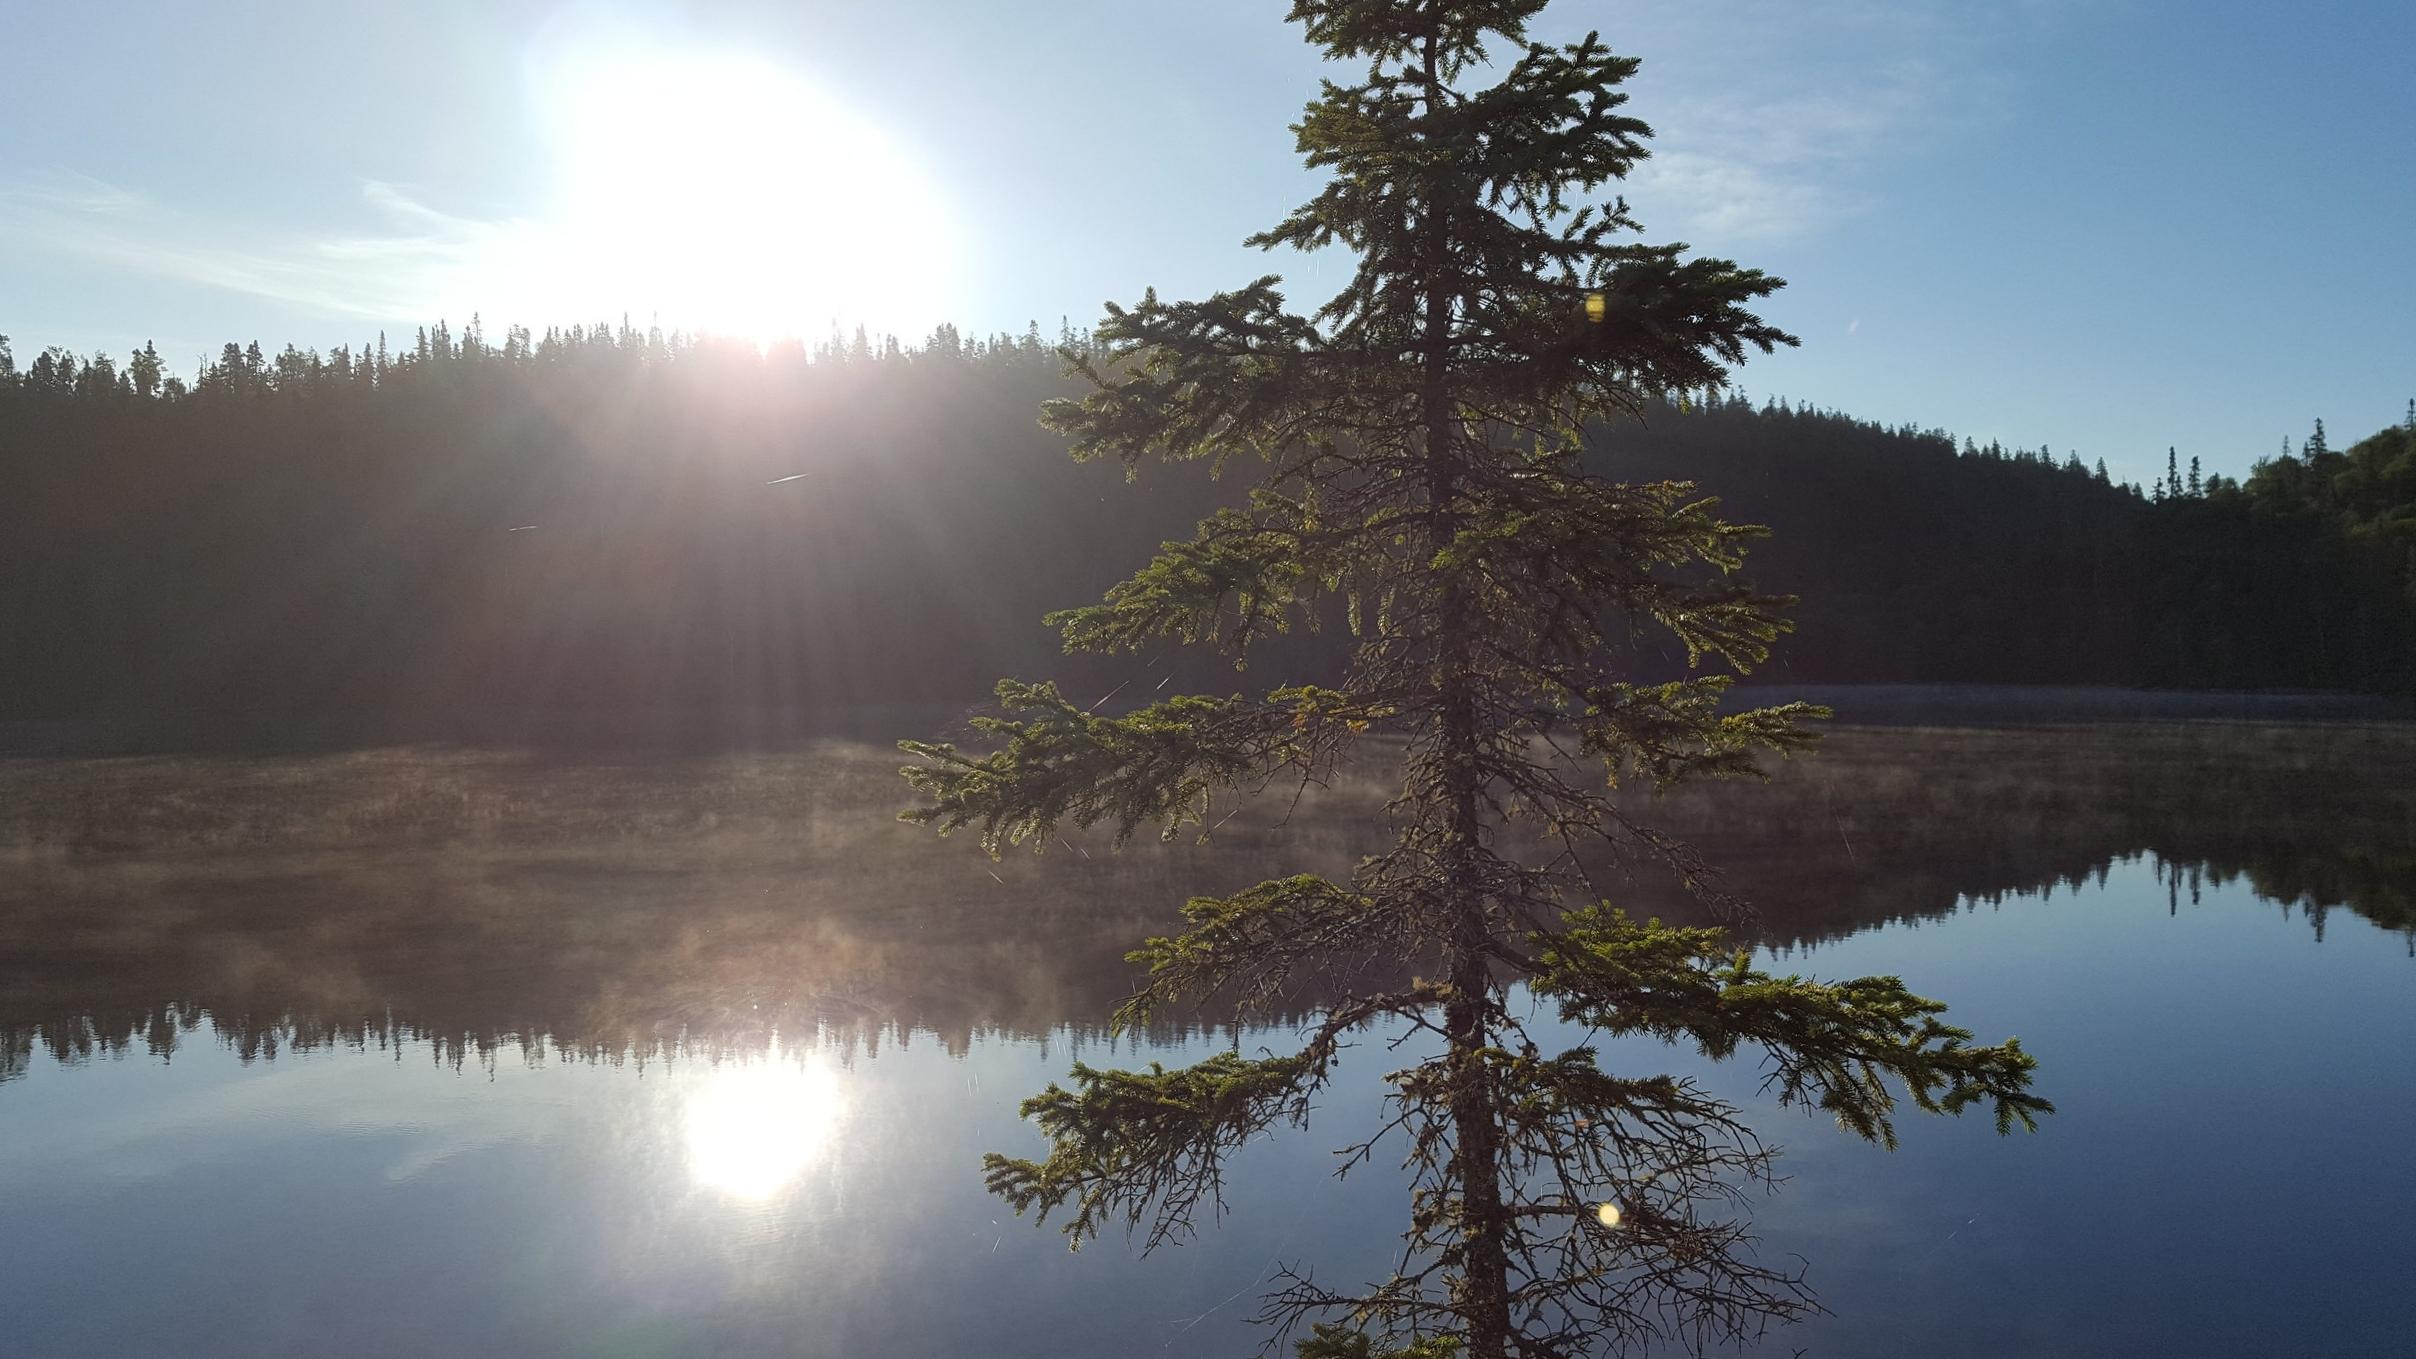 Perfect morning on Diablo Lake